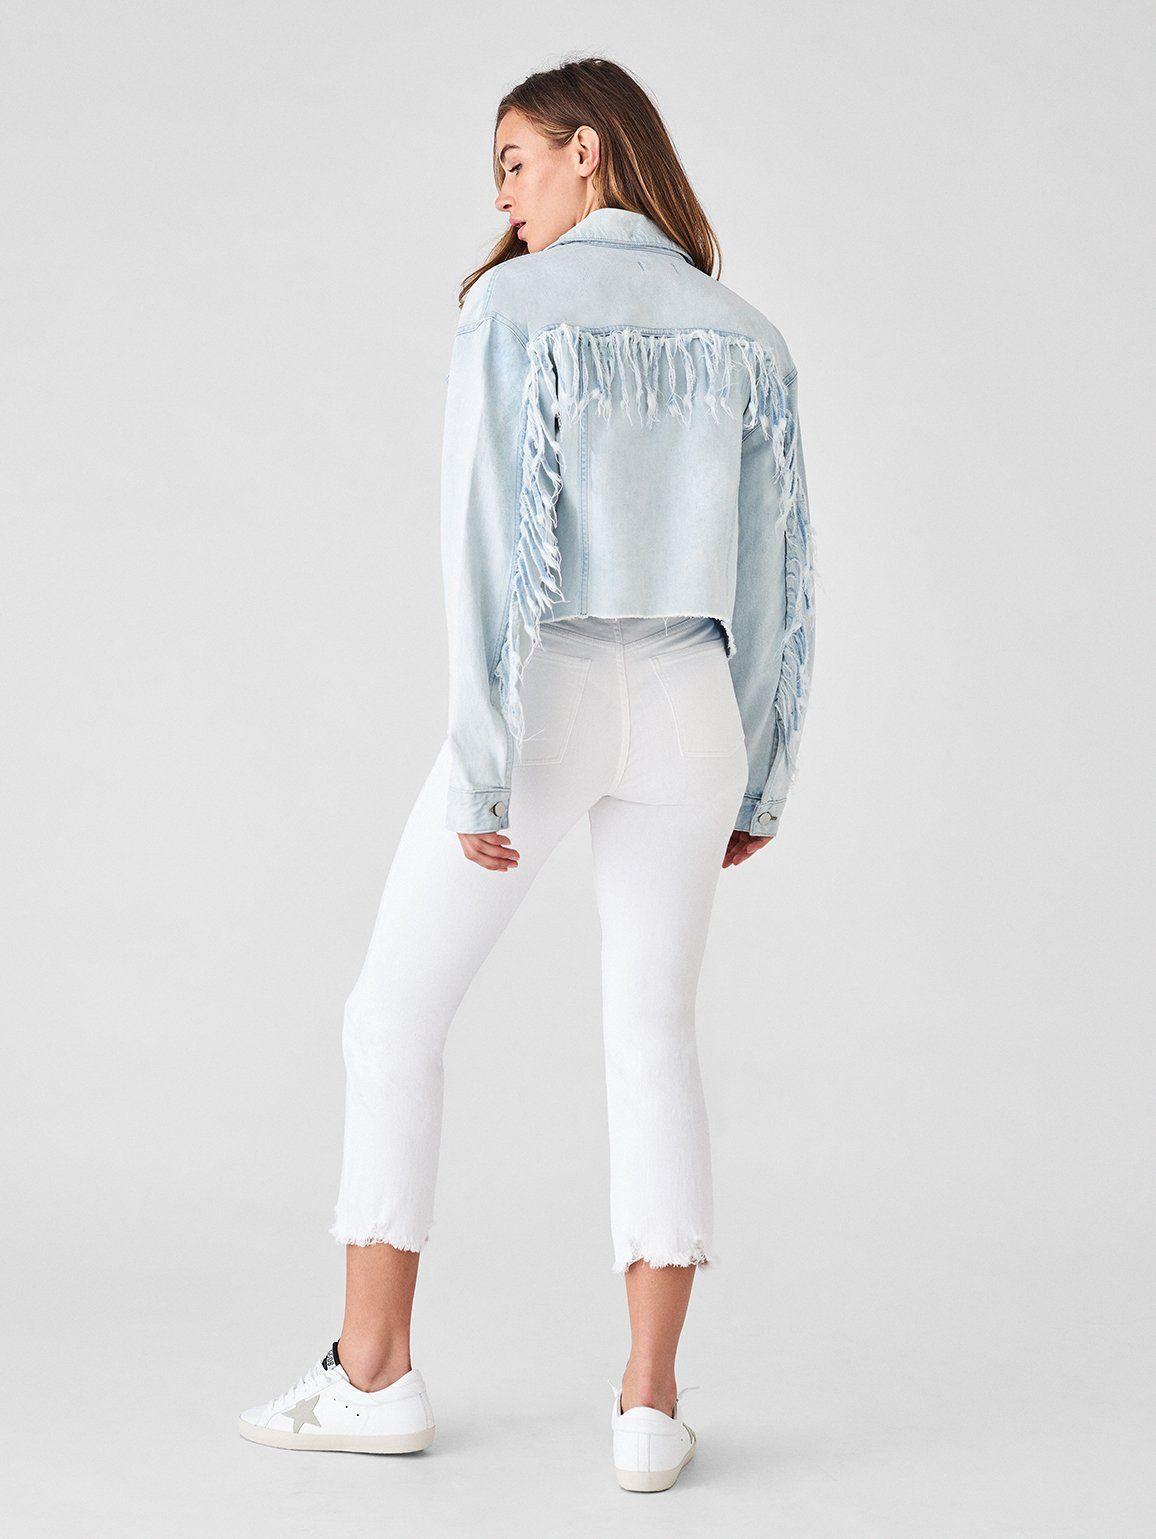 4b8ee35c0f41e4 18 Cute Denim Jacket Outfits for Women - Best Jean Jackets 2019